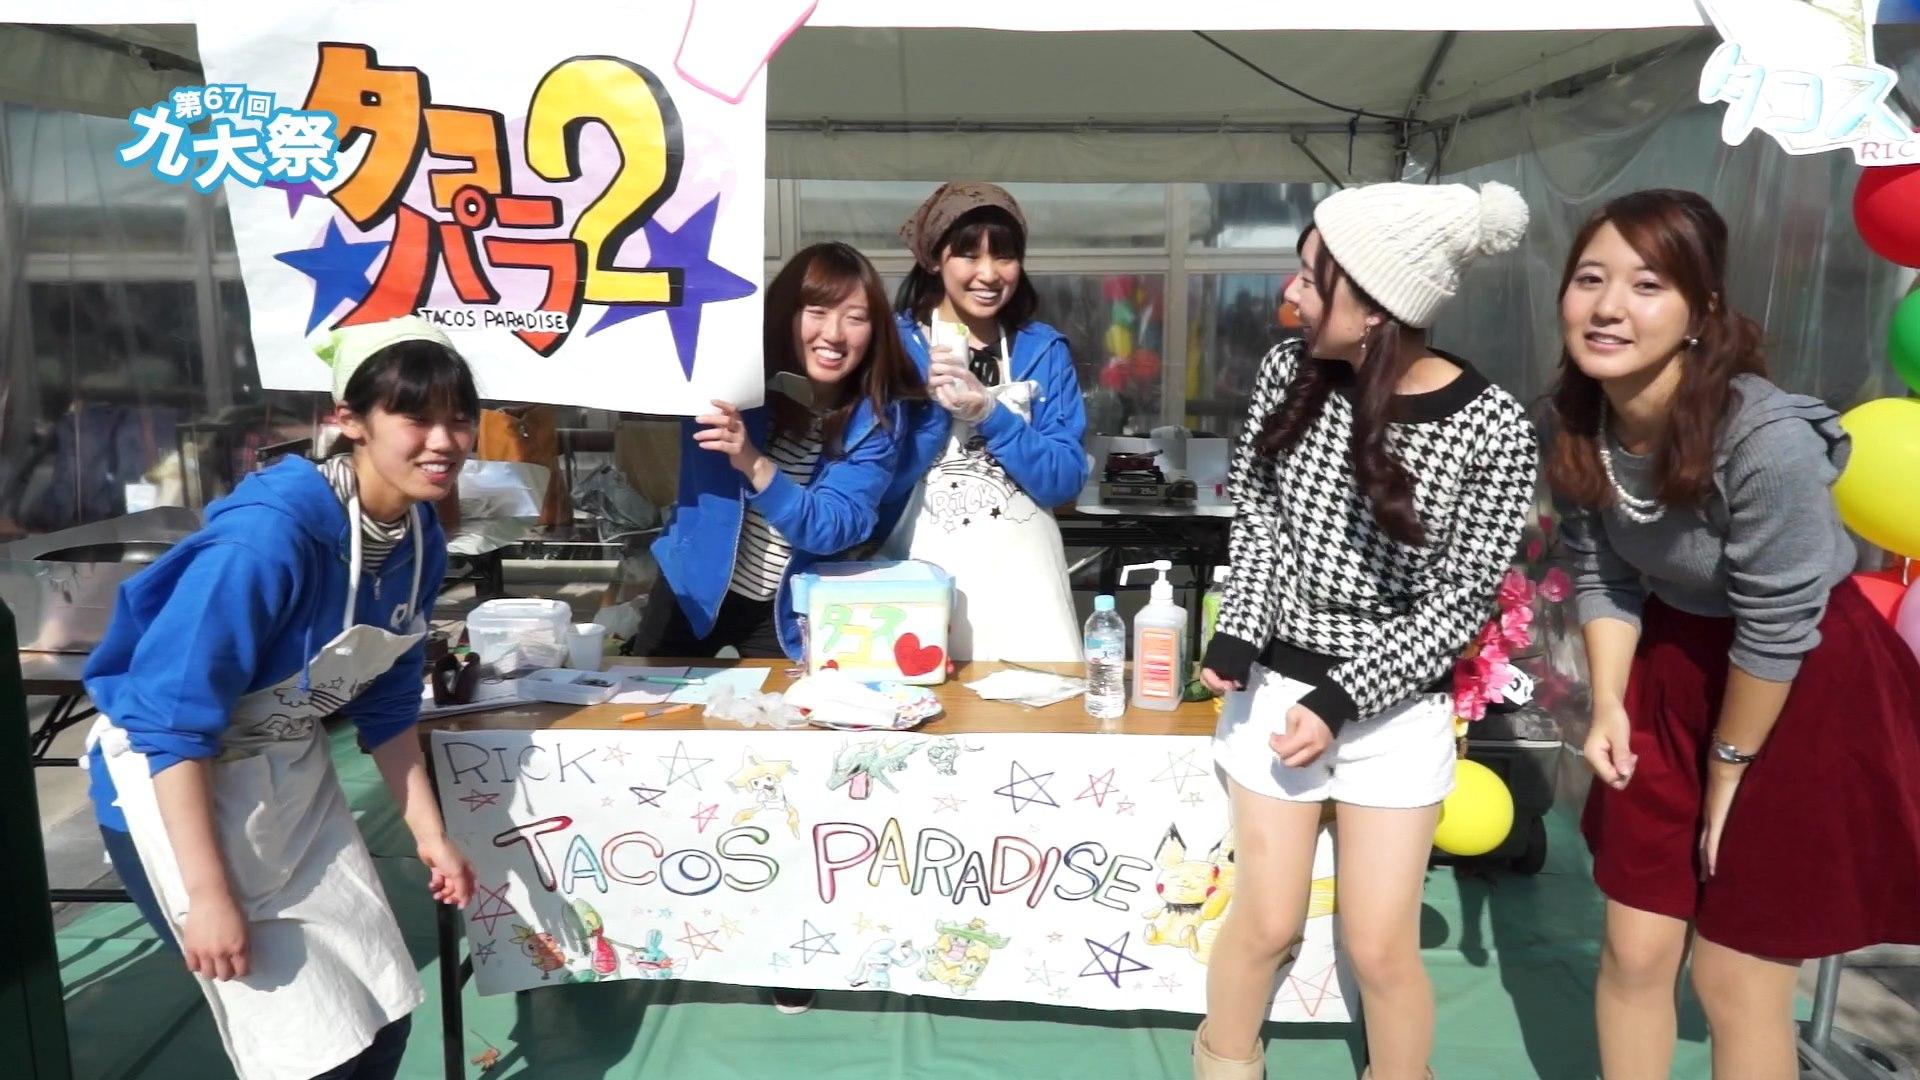 第67回 九州大学学祭.mov_000258347